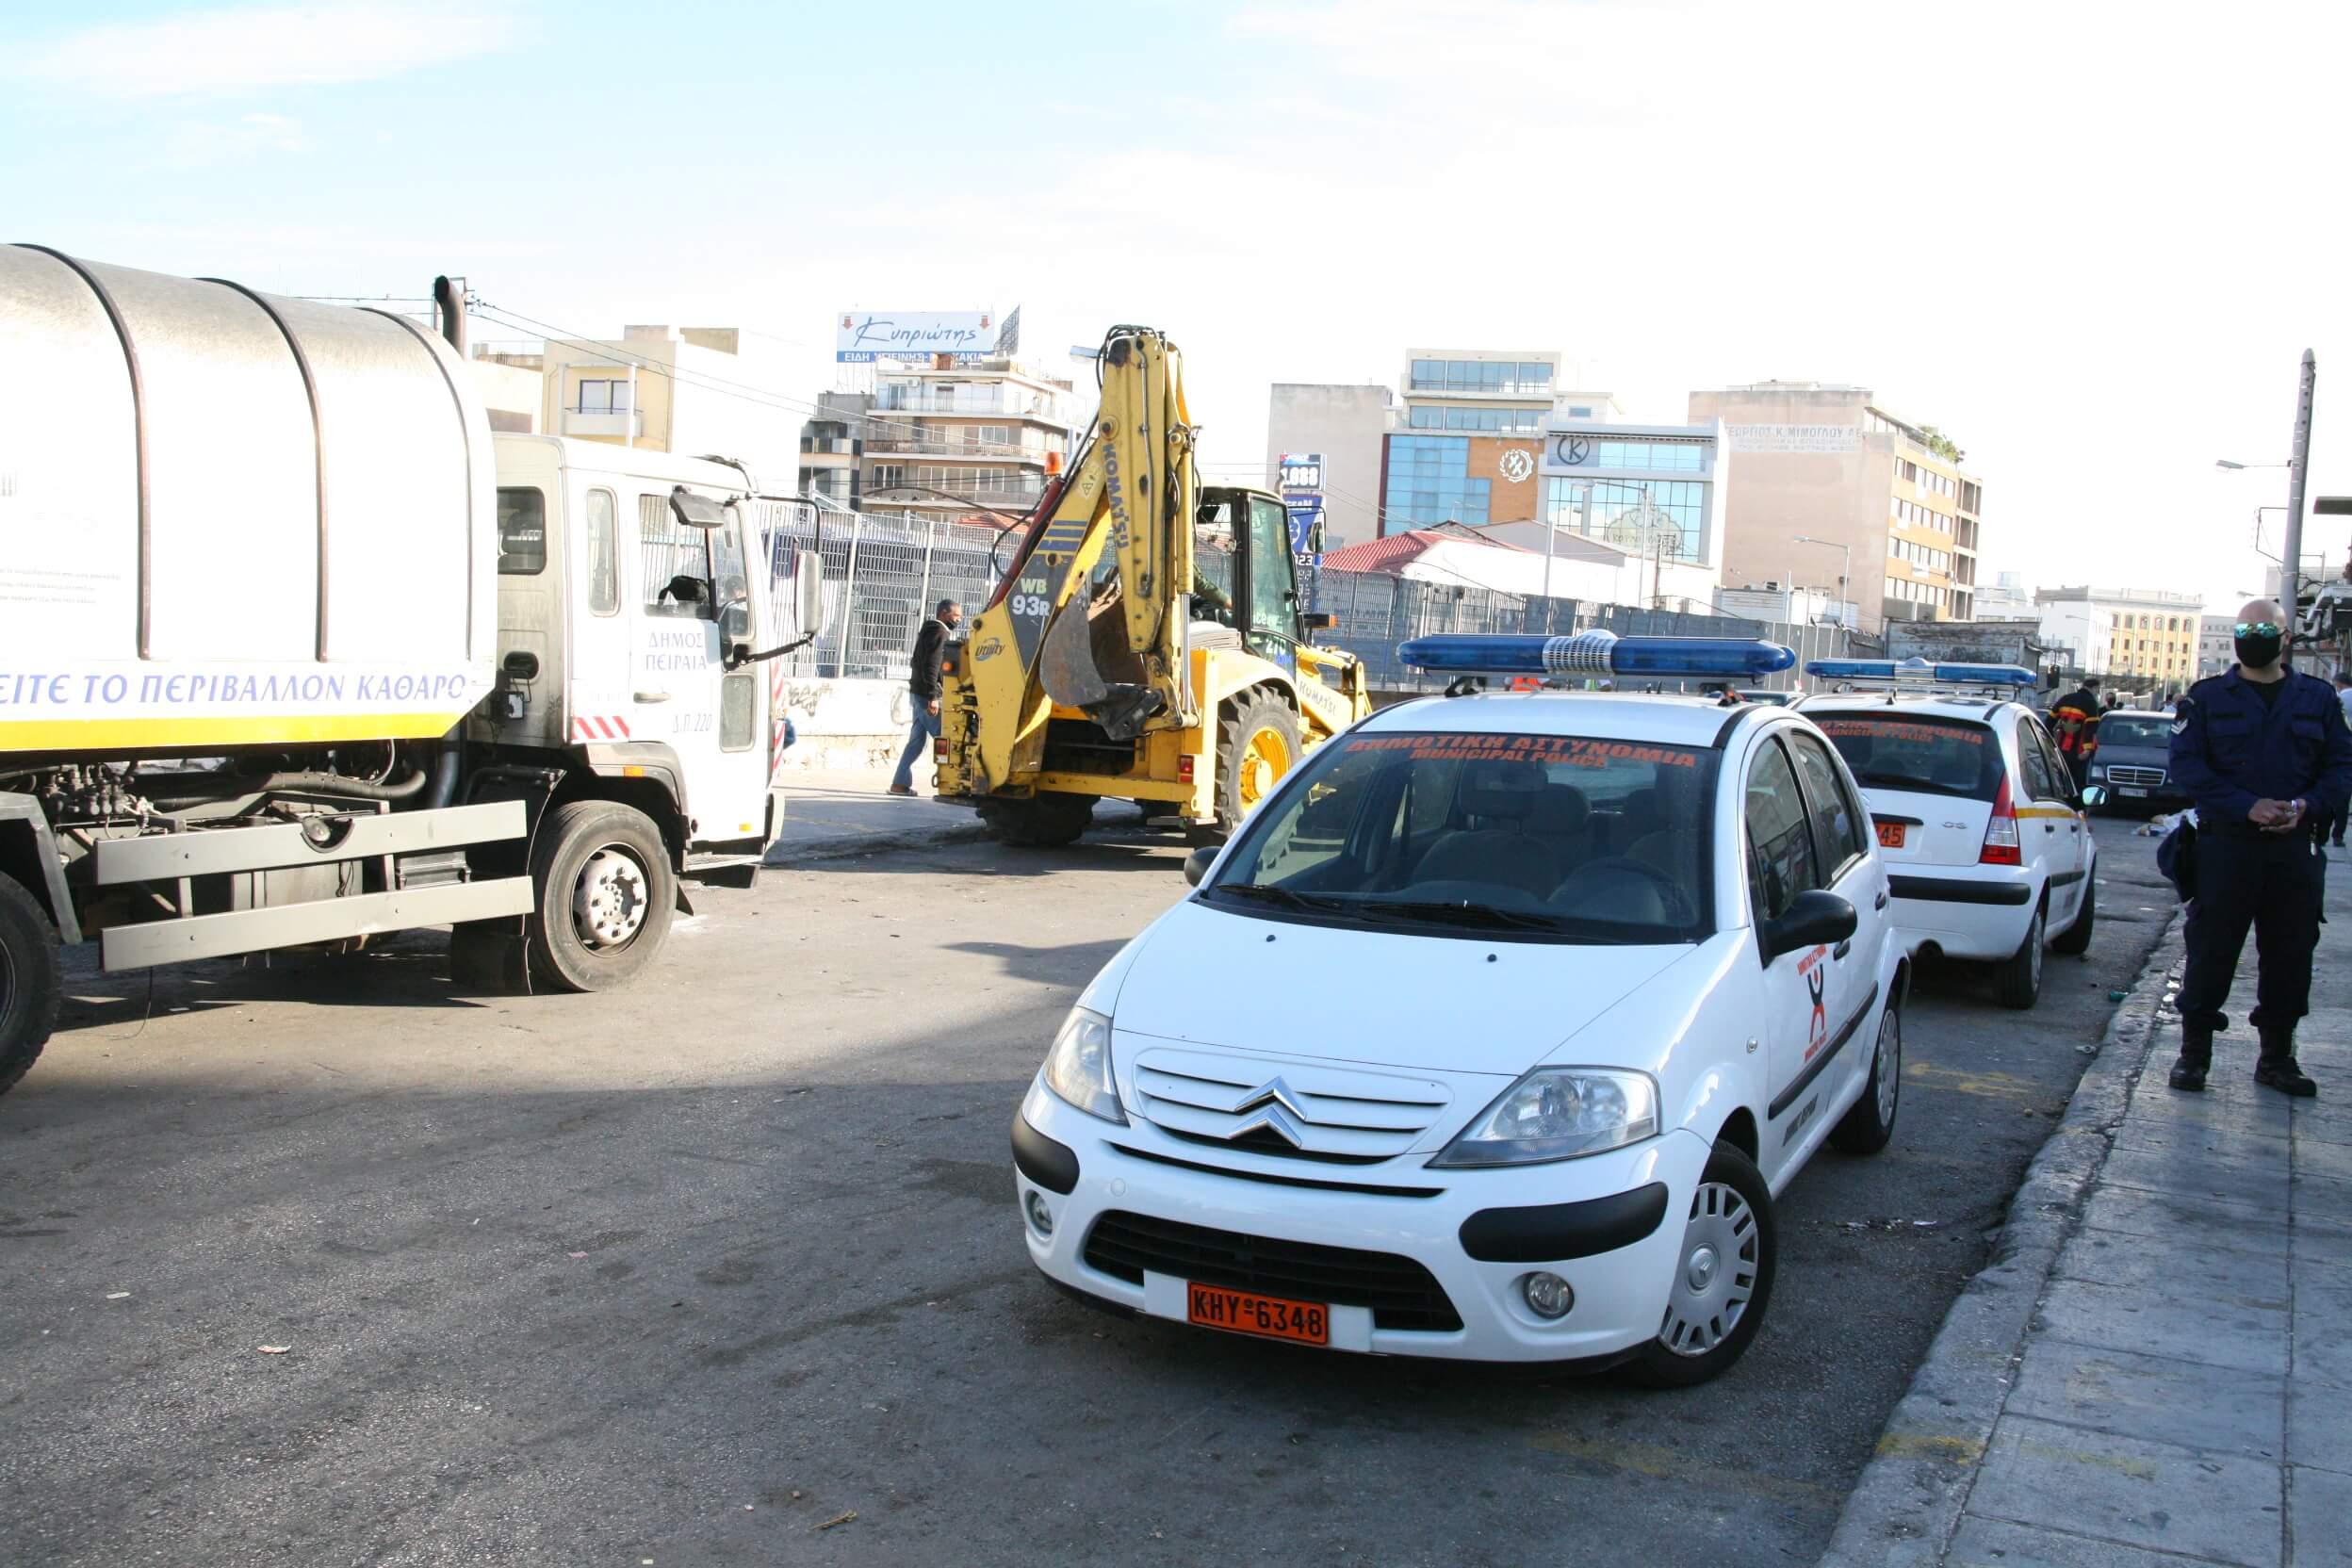 Δήμος Πειραιά : Συντονισμένη επιχείρηση στο παζάρι της Κυριακής